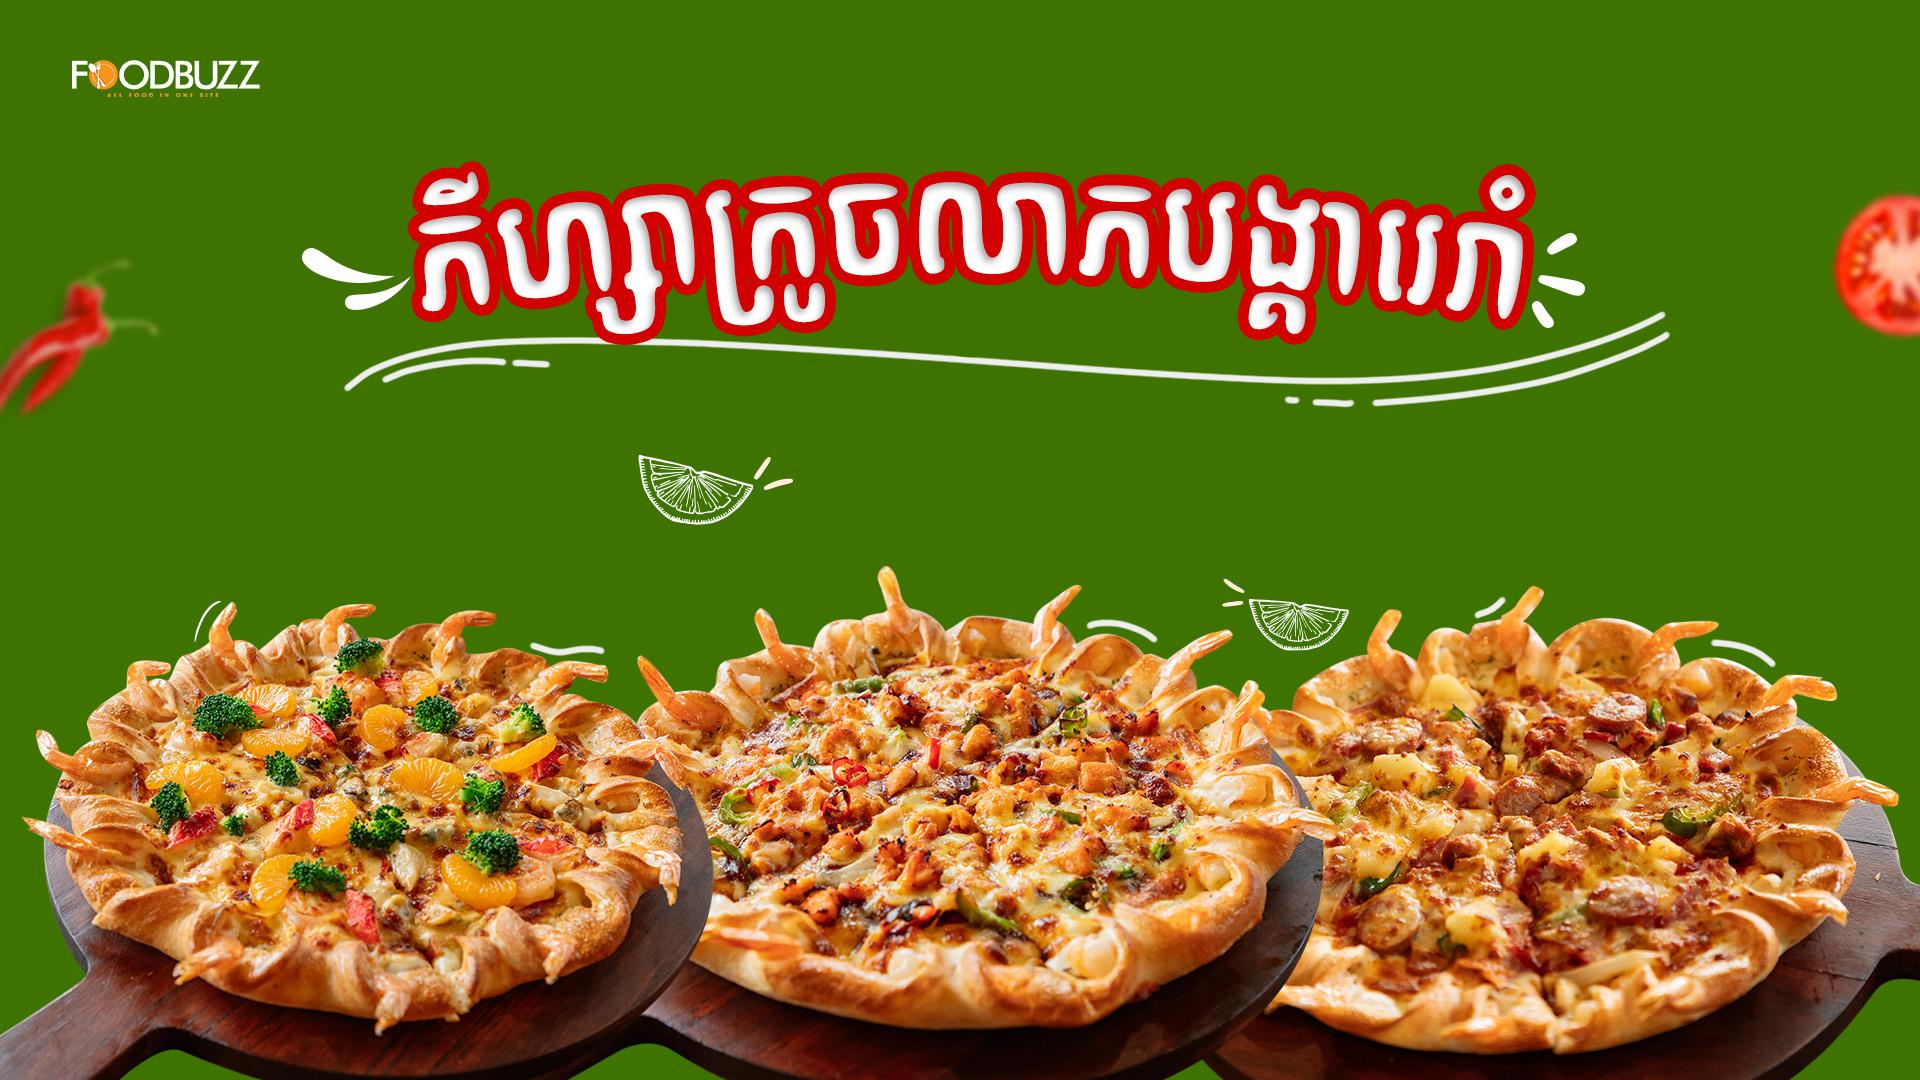 ភីហ្សាក្រូចលាភបង្គារេរាំ រសជាតិថ្មីពី The Pizza Company-Cambodia